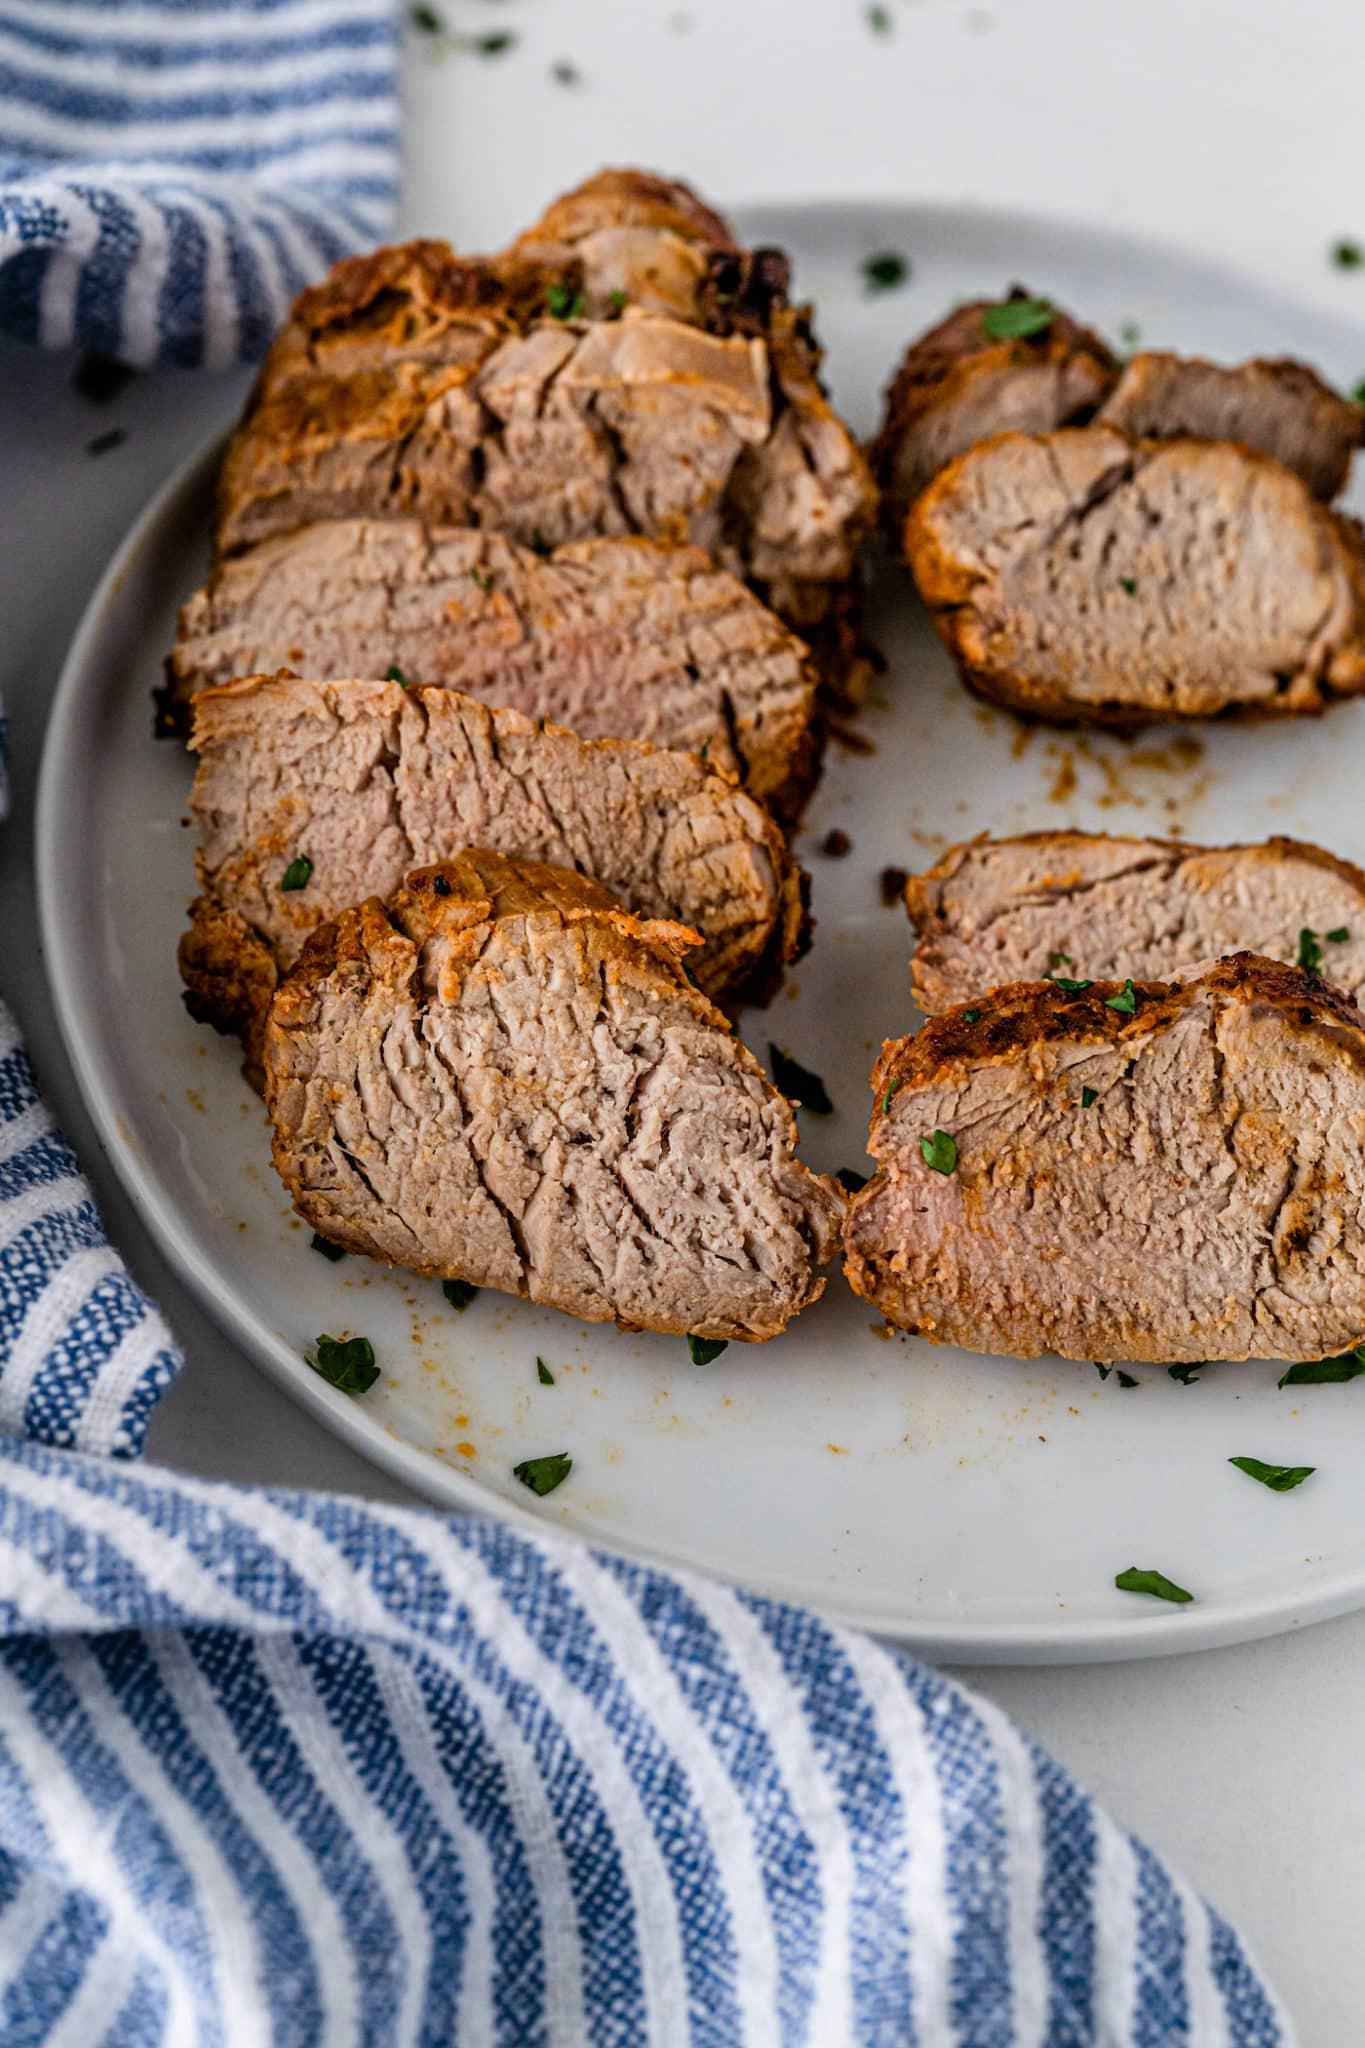 sliced roast on serving plate